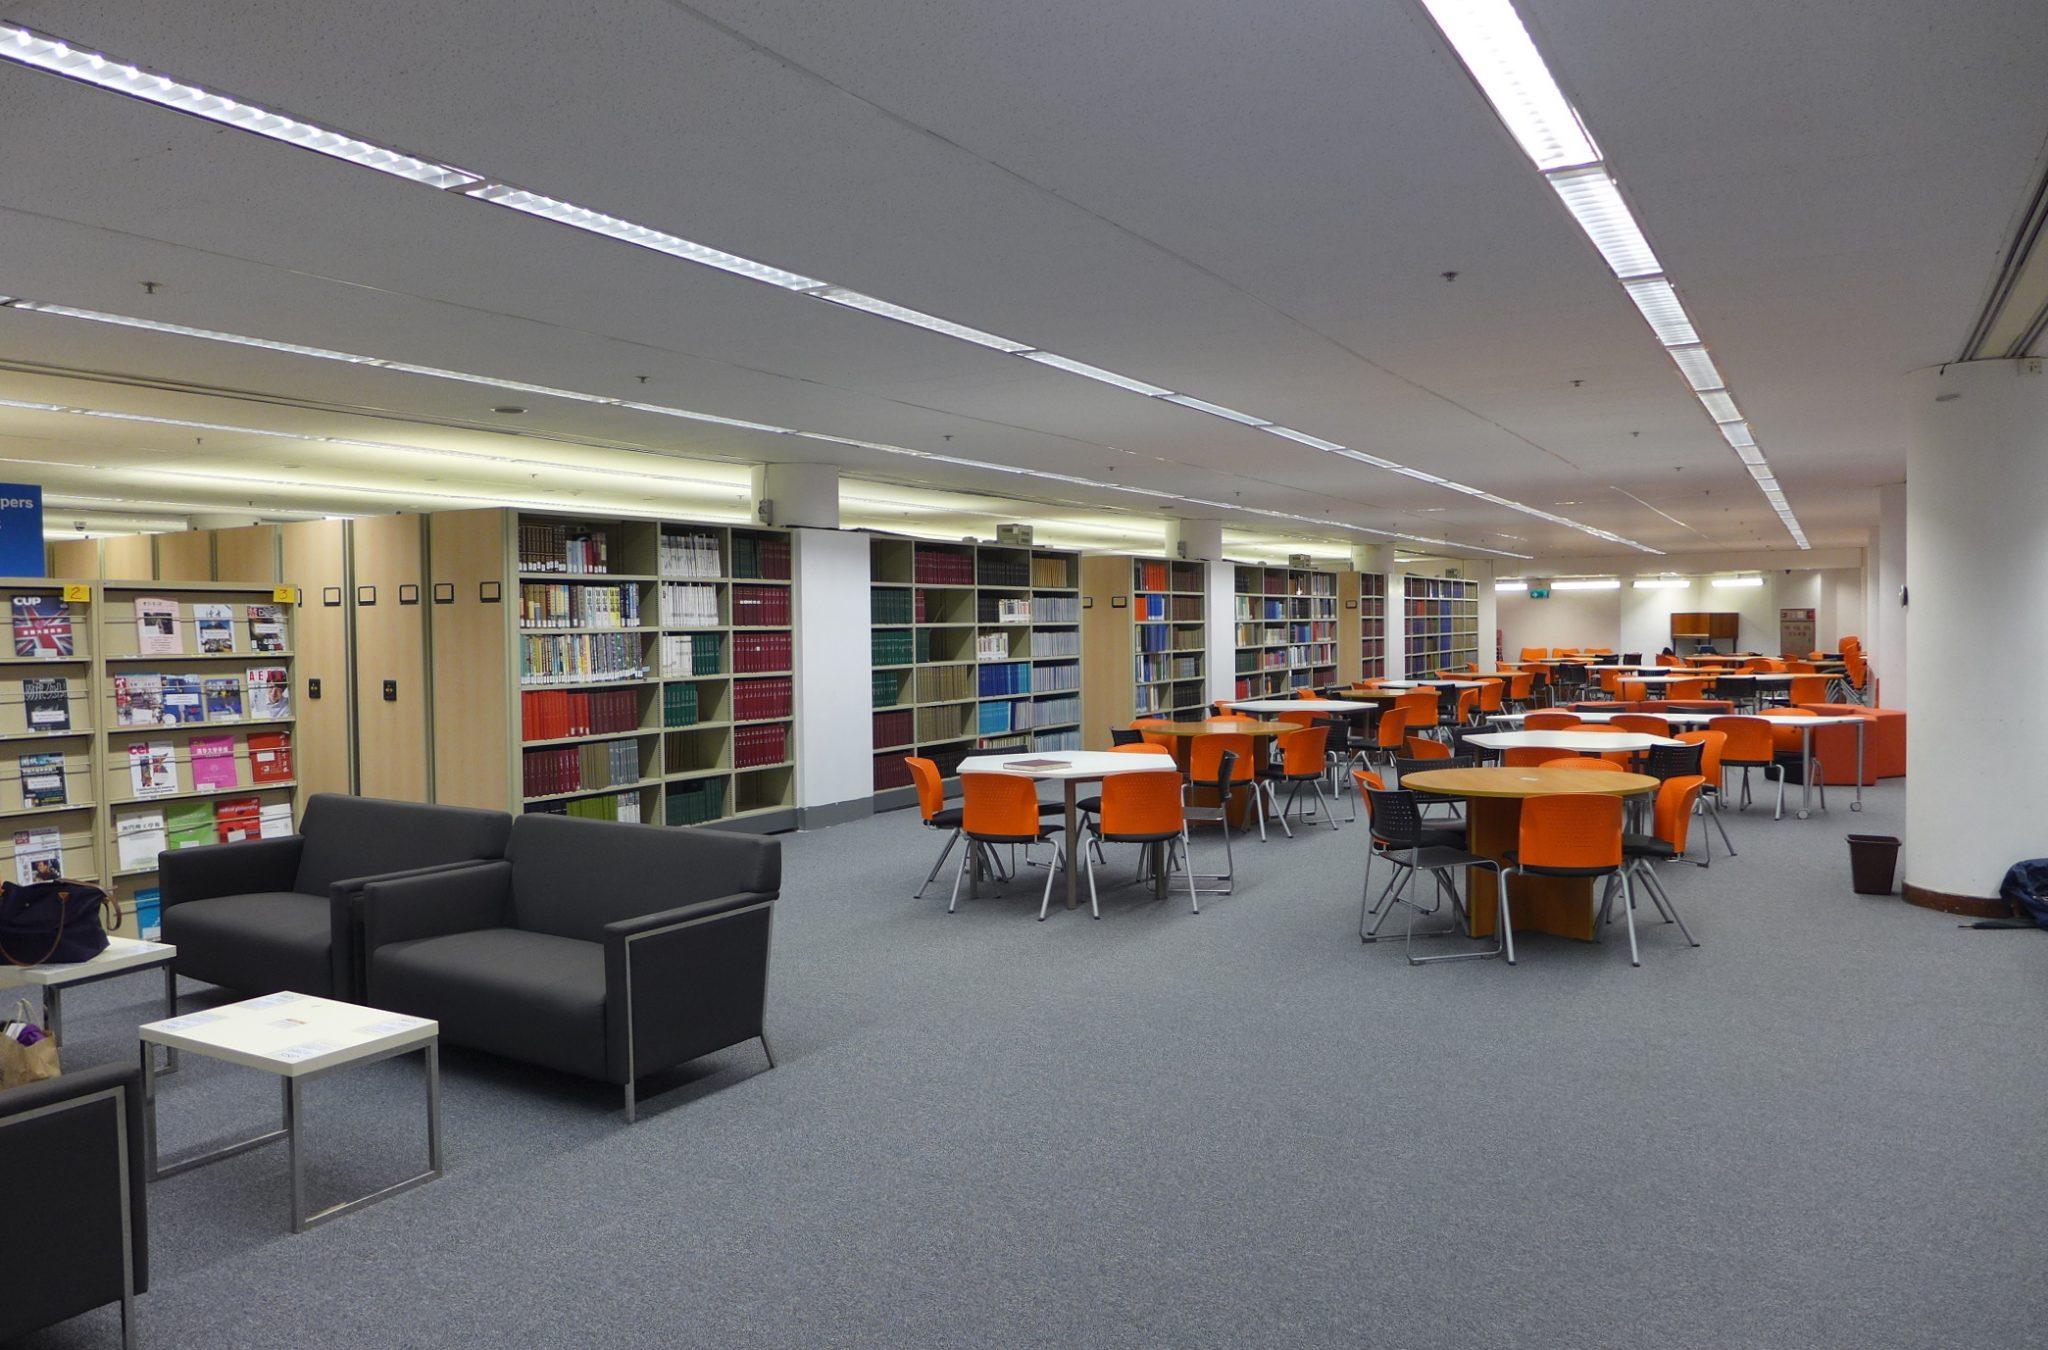 Đại học Bách khoa Hồng Kông (PolyU), Hồng Kông